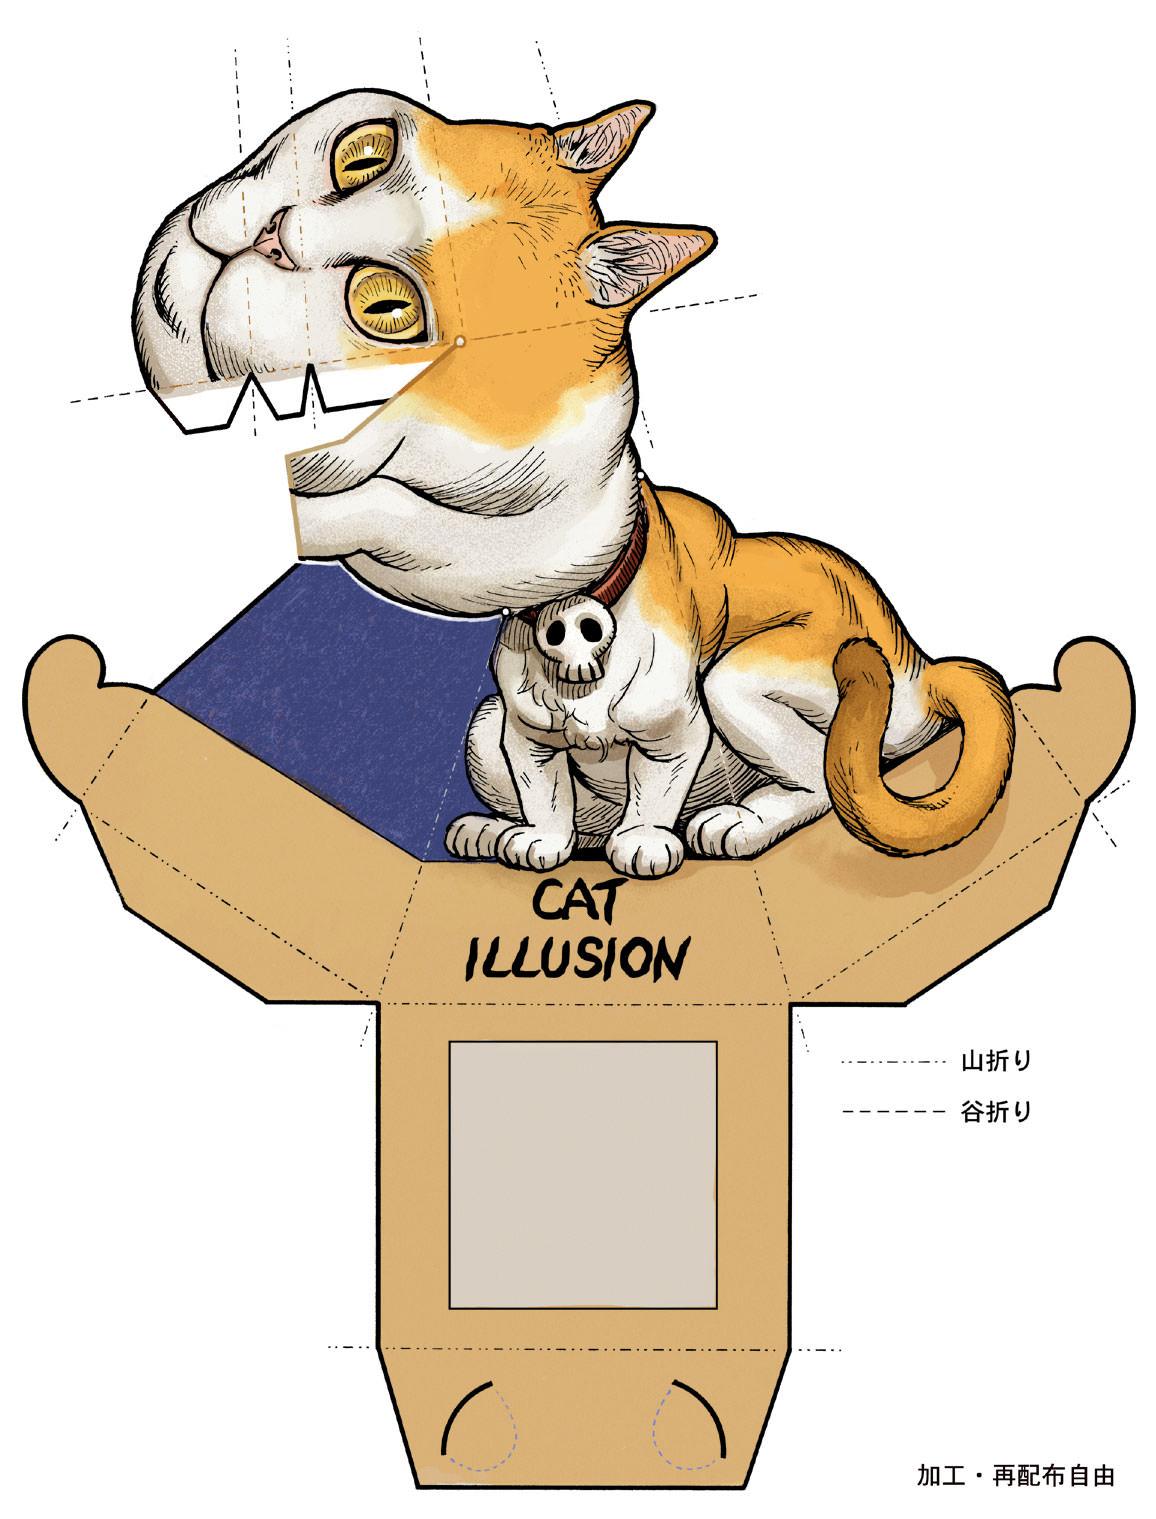 diy_cat_optical_illusion